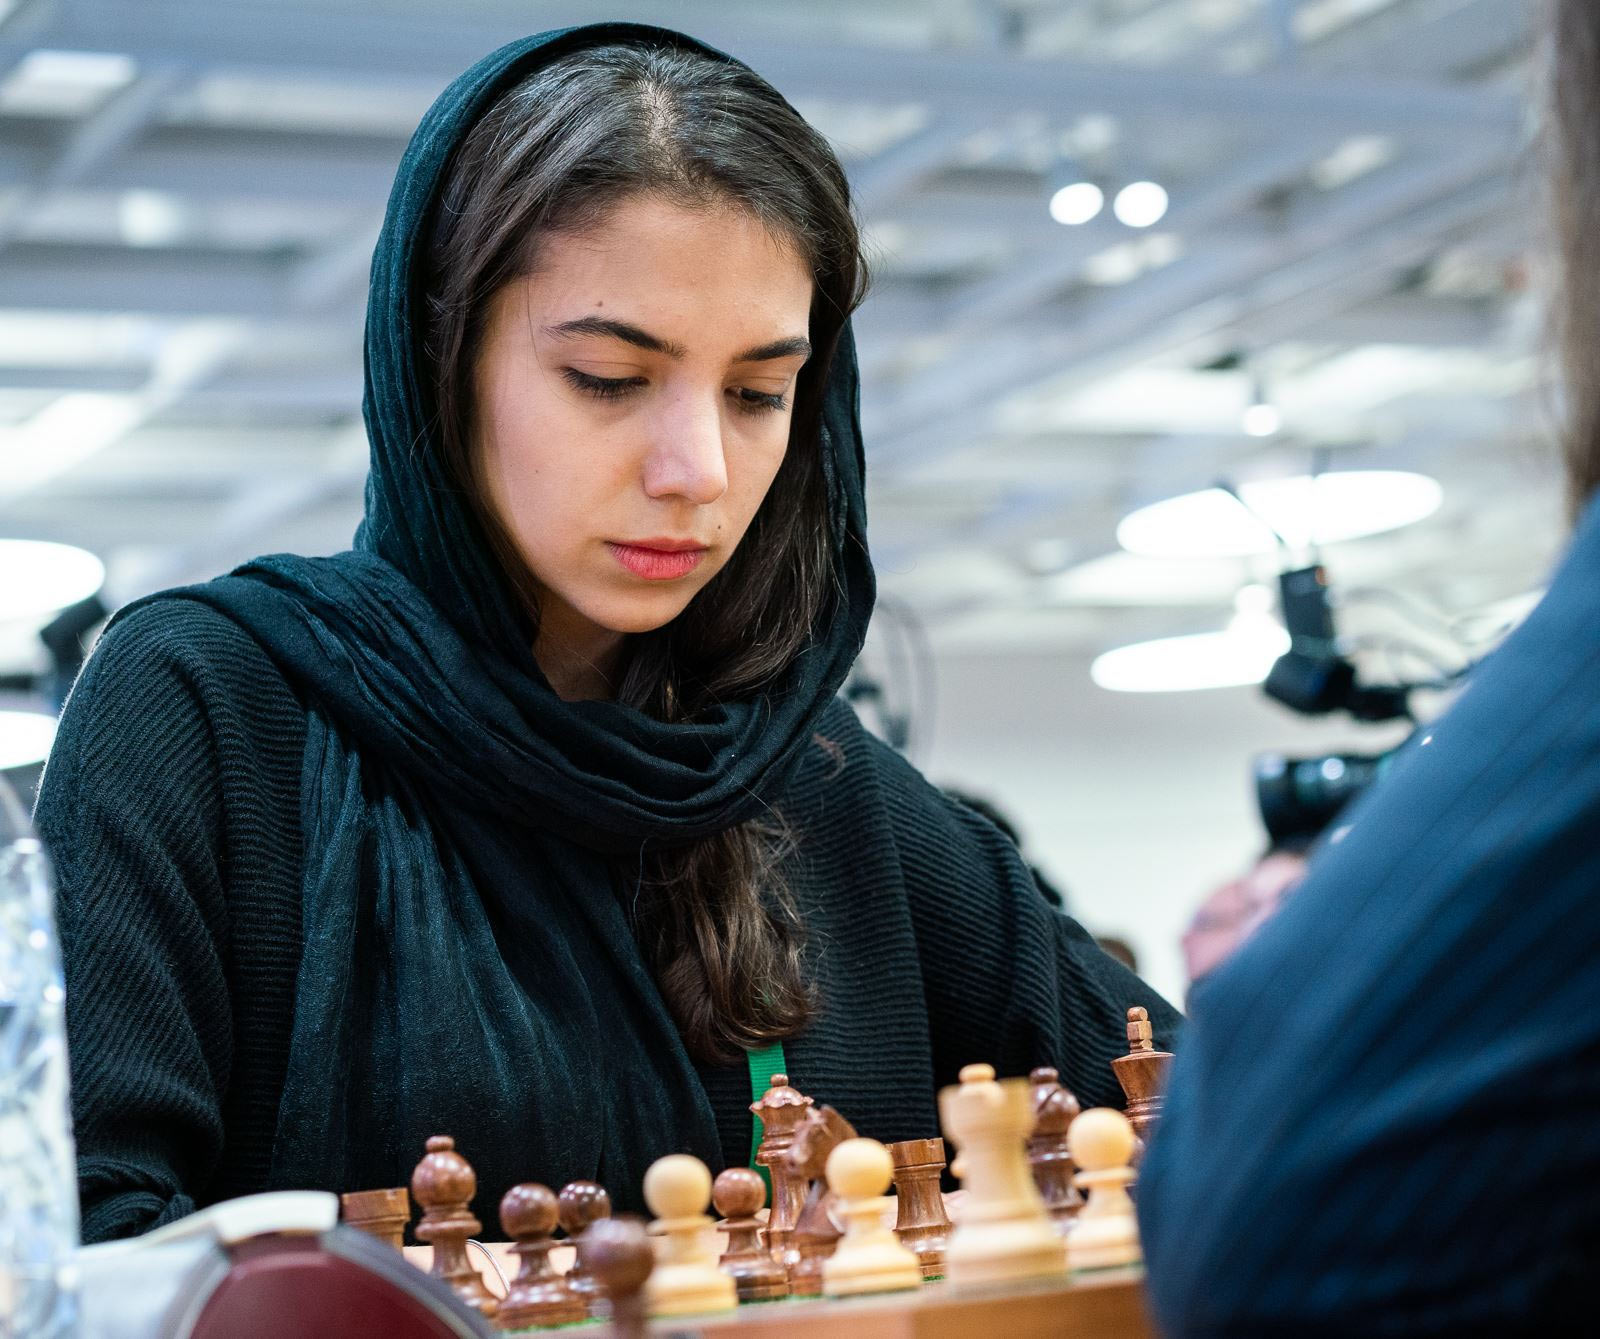 Сарасадат Хадемальшарьех (Иран) - серебряный призер чемпионата мира по блицу 2018 среди женщин